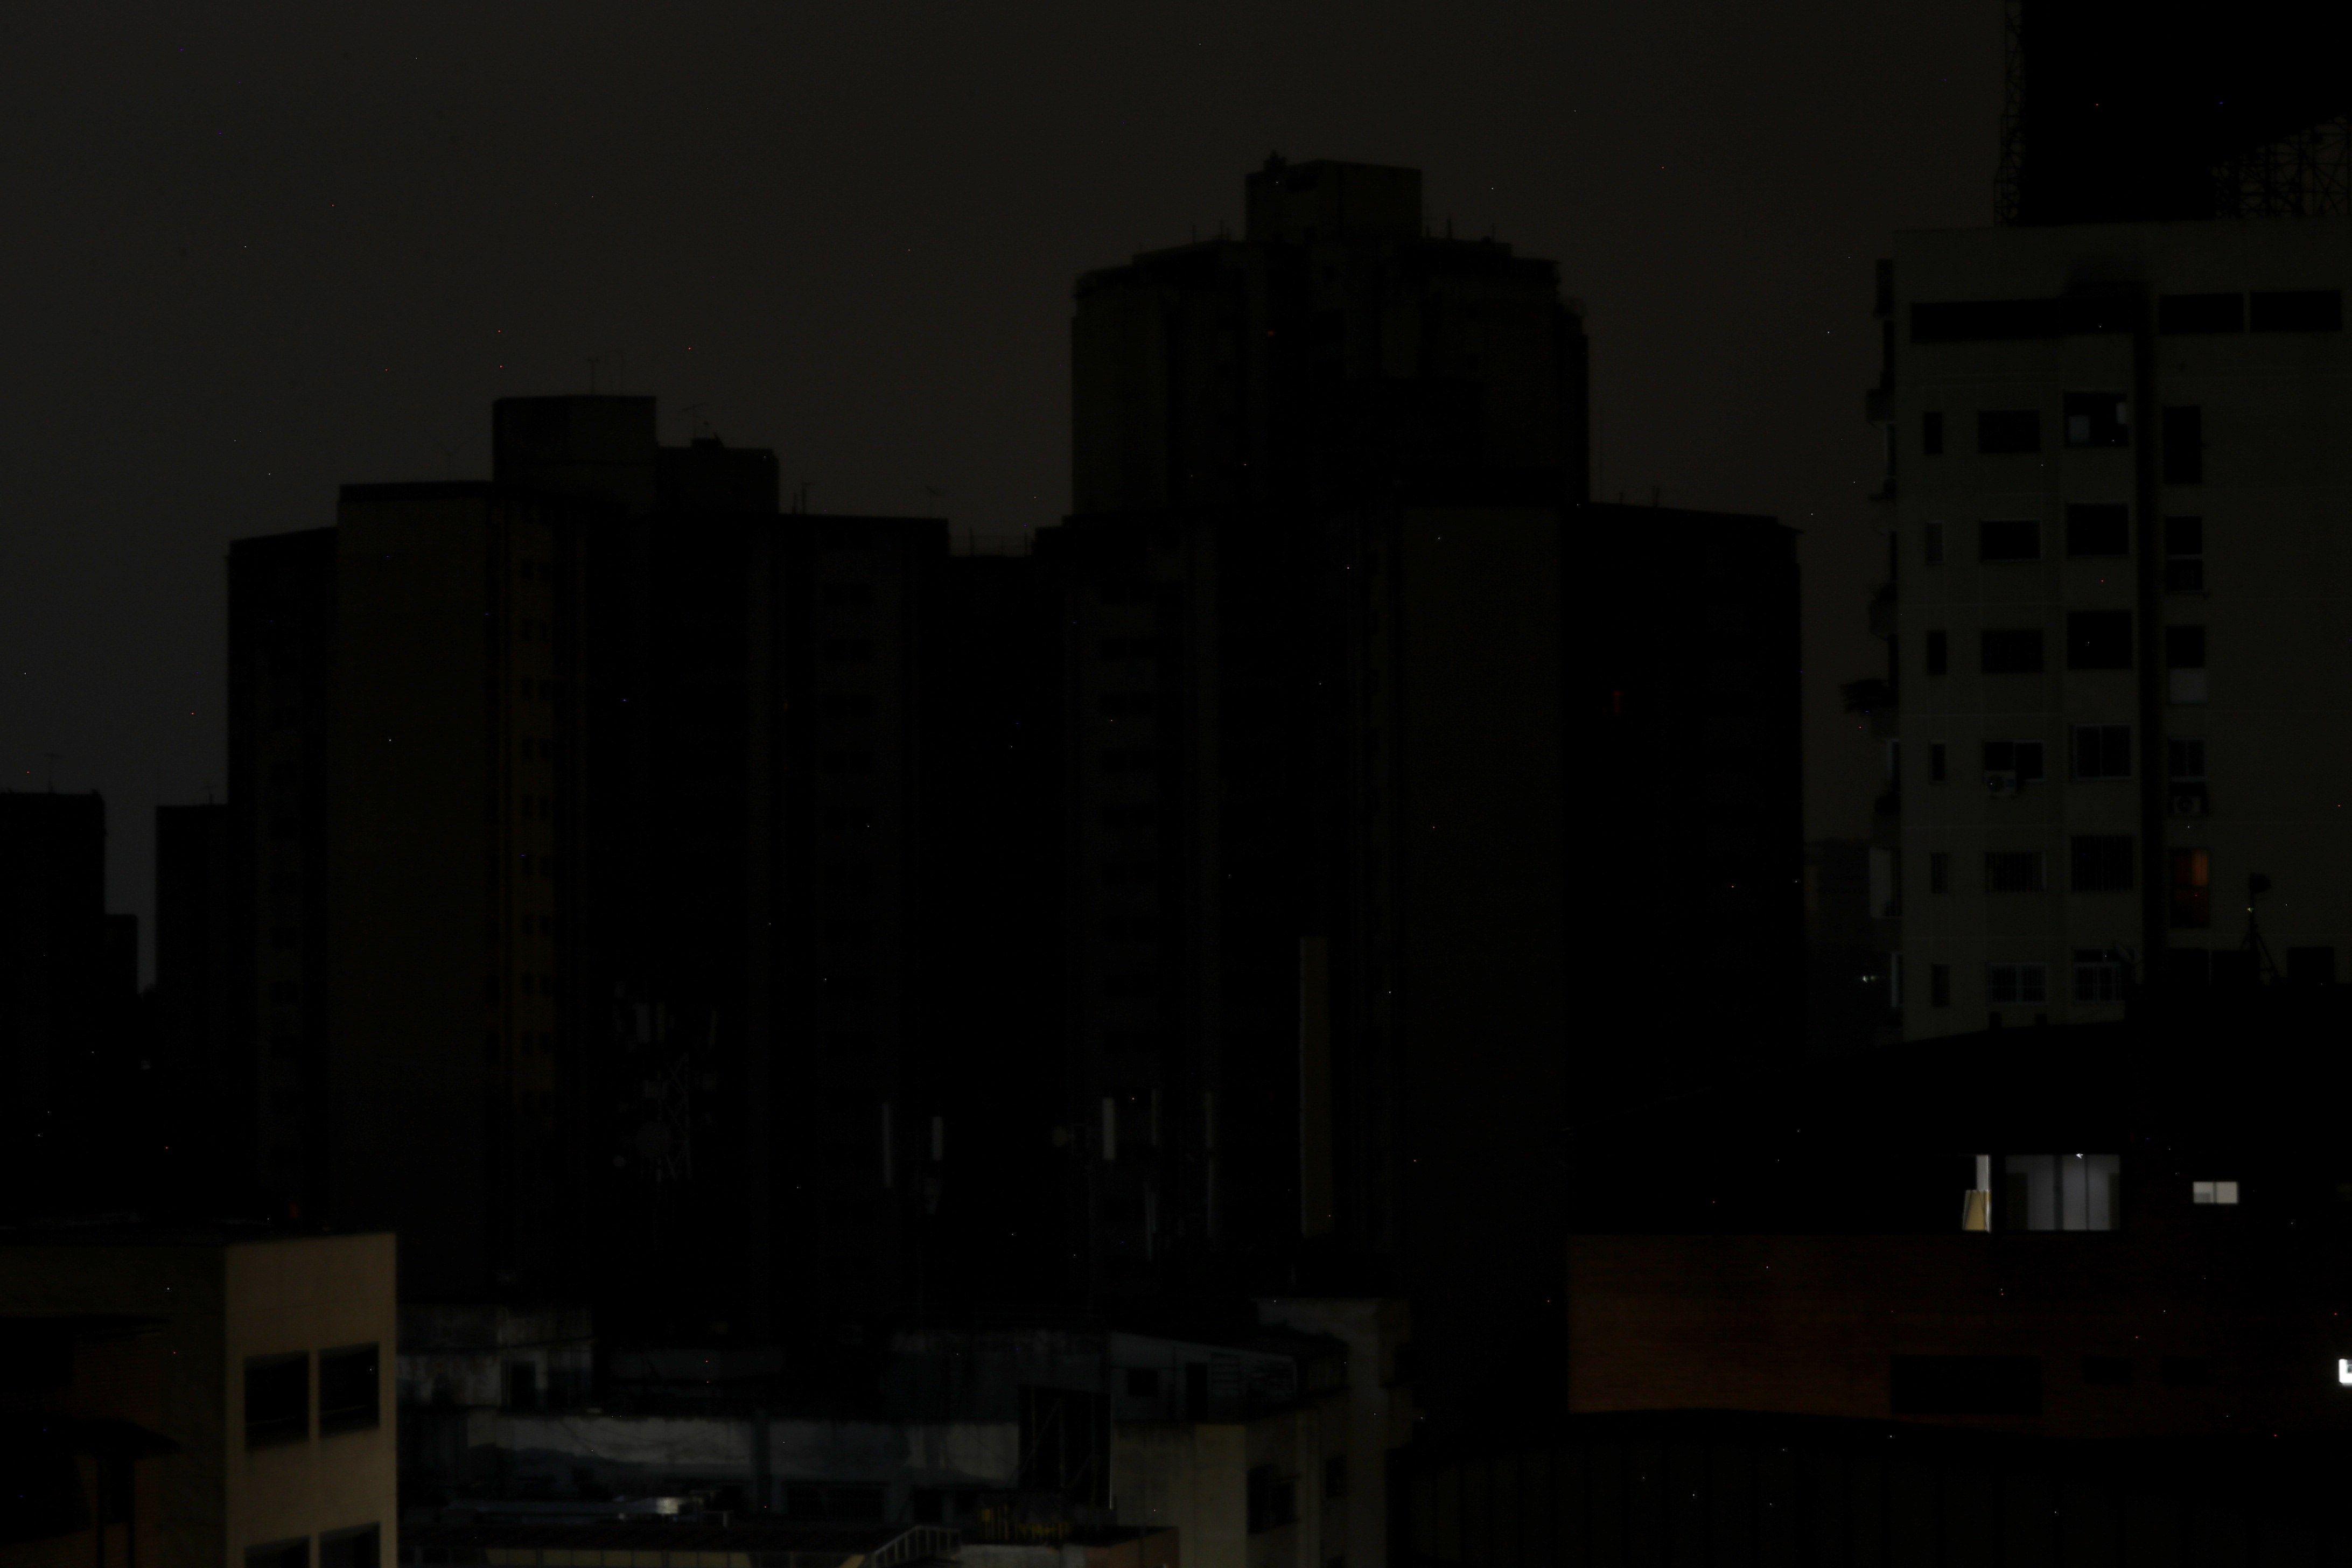 Reportan fallas eléctricas en varias zonas de Caracas #16Abr